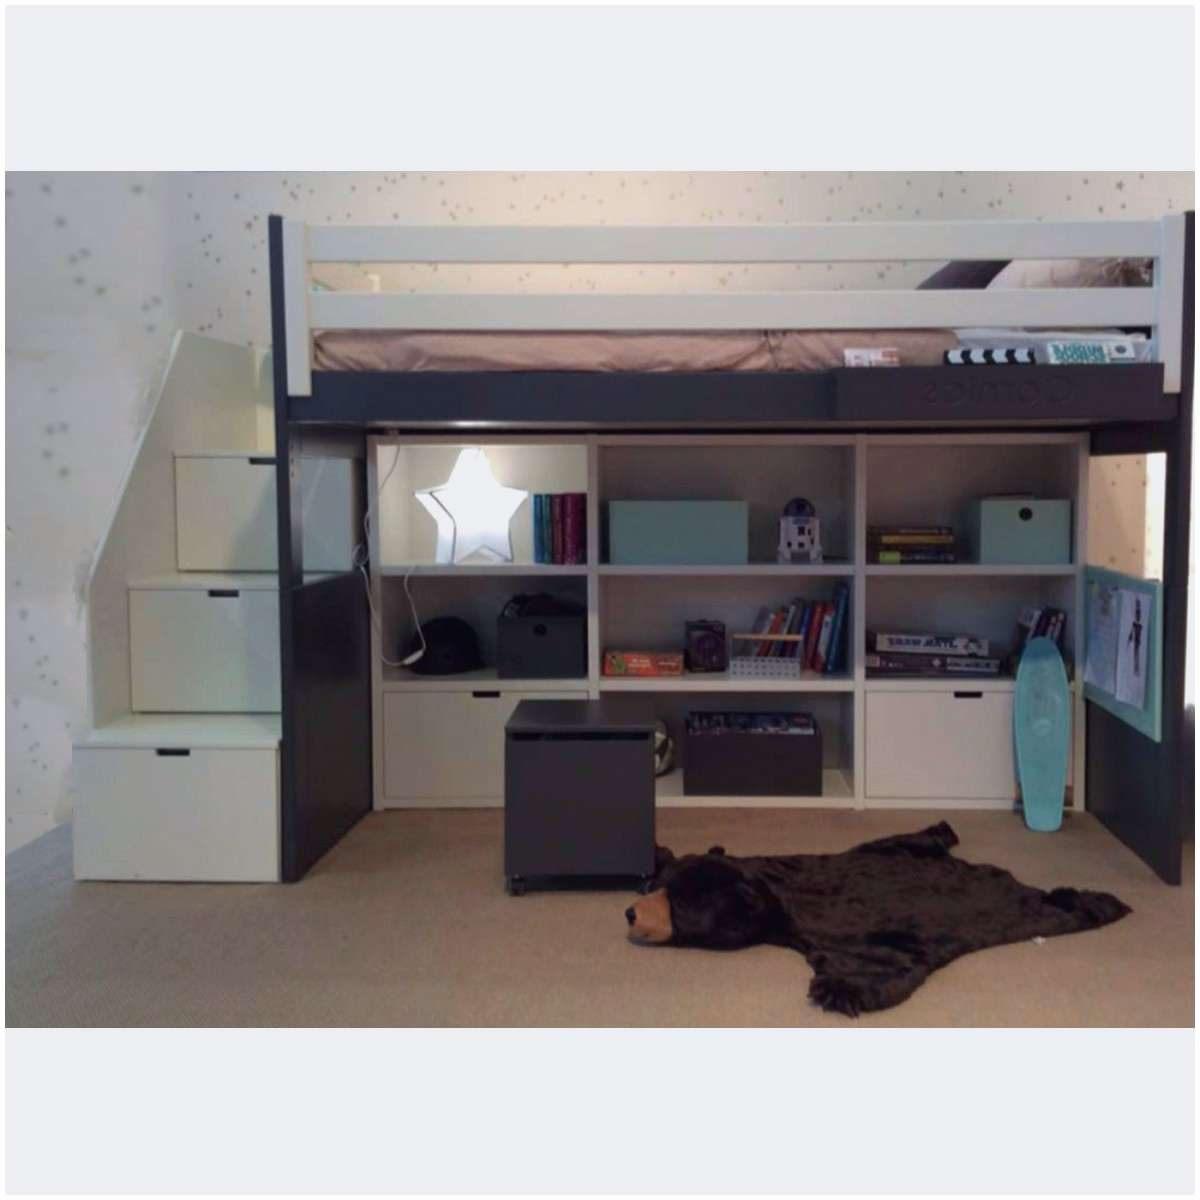 Lit Mezzanine Avec Bureau Pas Cher De Luxe Impressionnant 26 Frais Lit Mezzanine Escalier Bureau 17o Pour